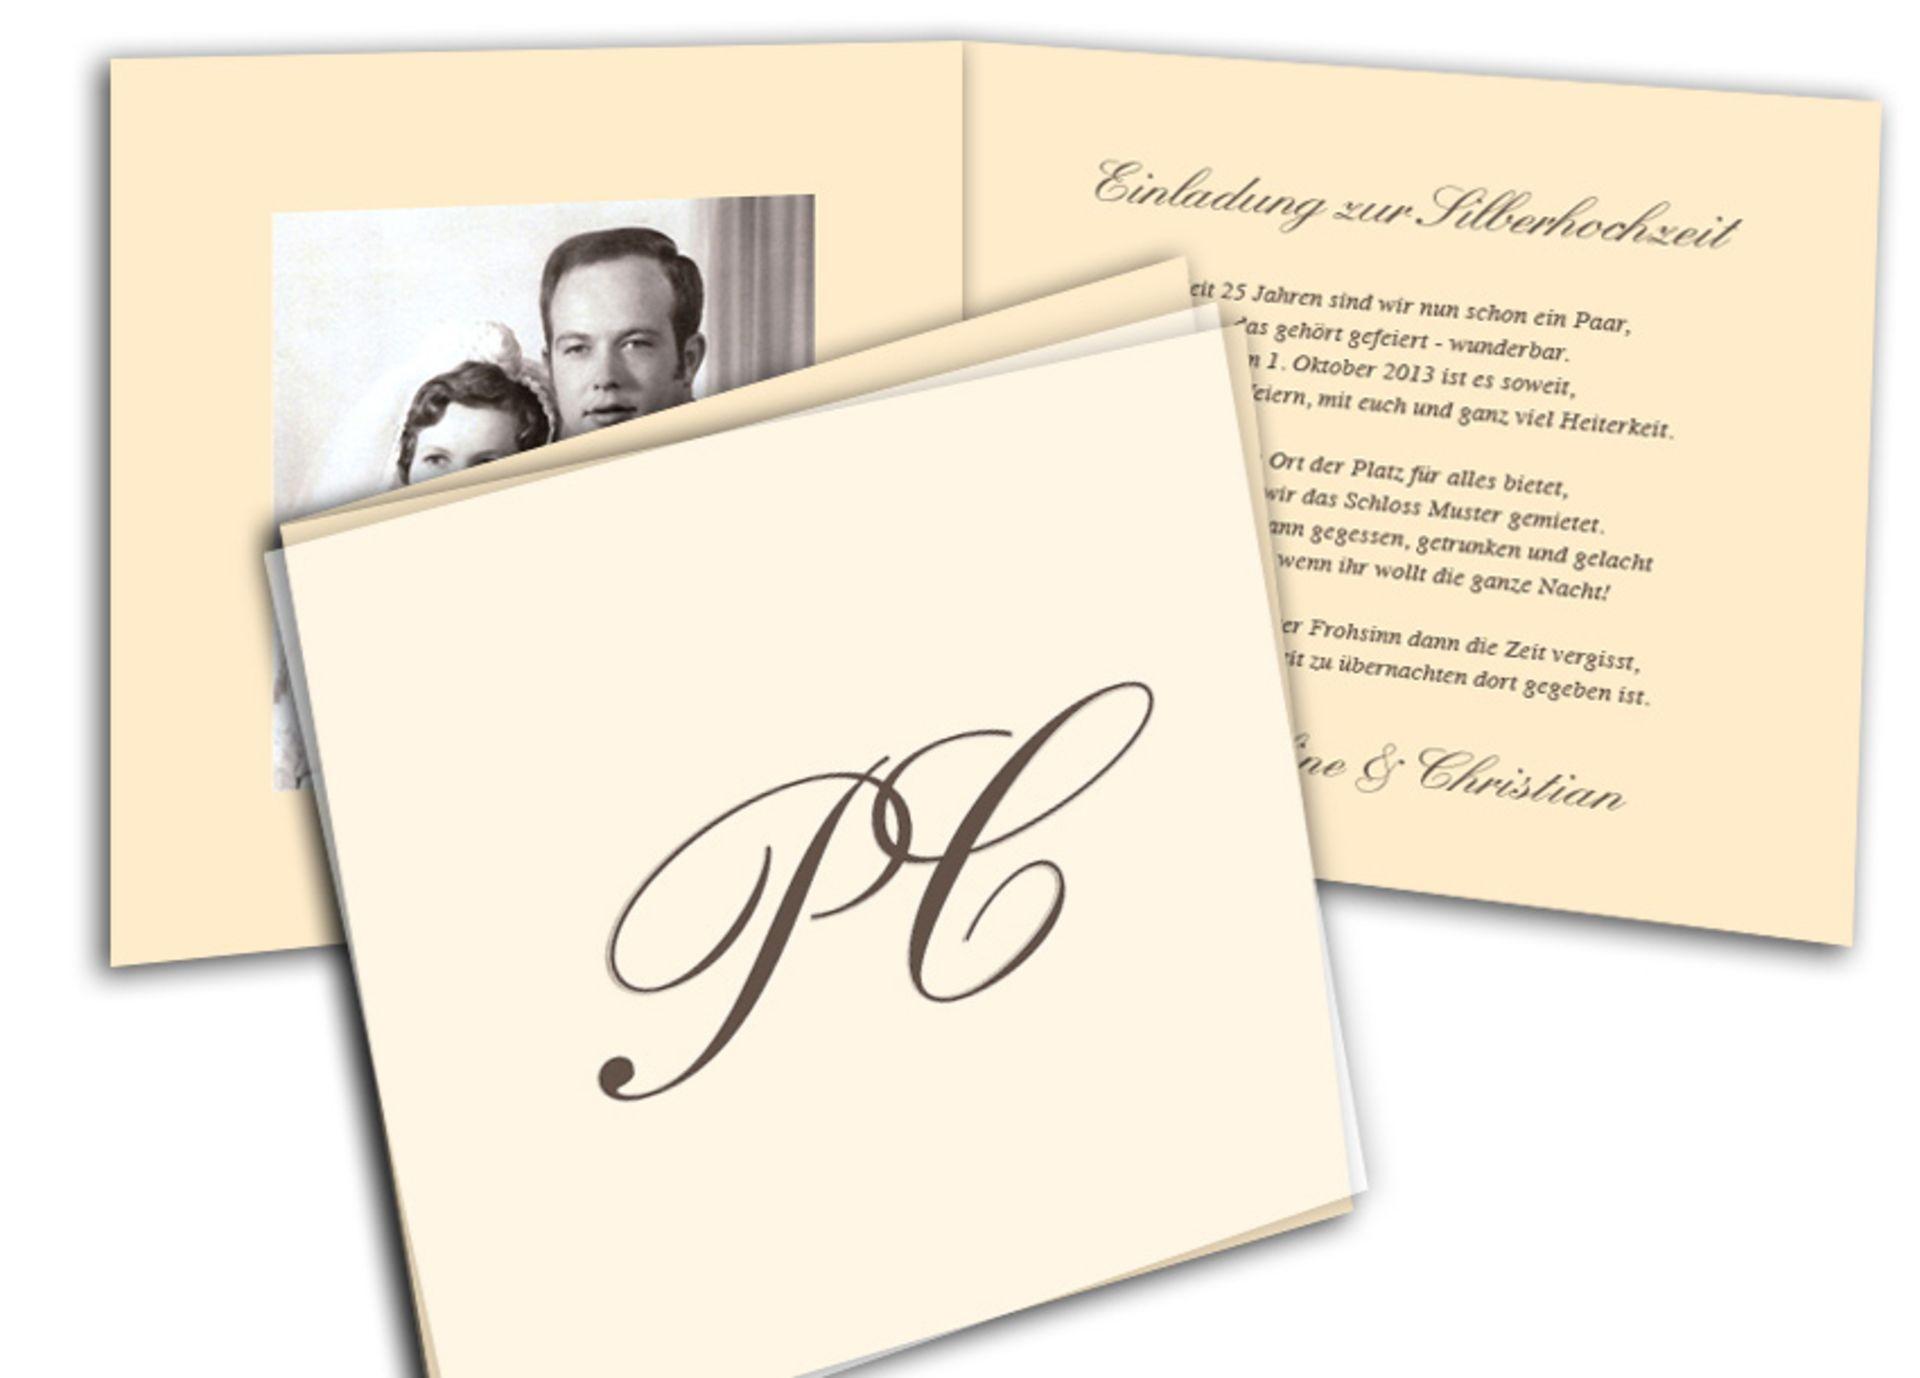 silberhochzeit feiern - einladungskarten und einladungstexte, Einladungen